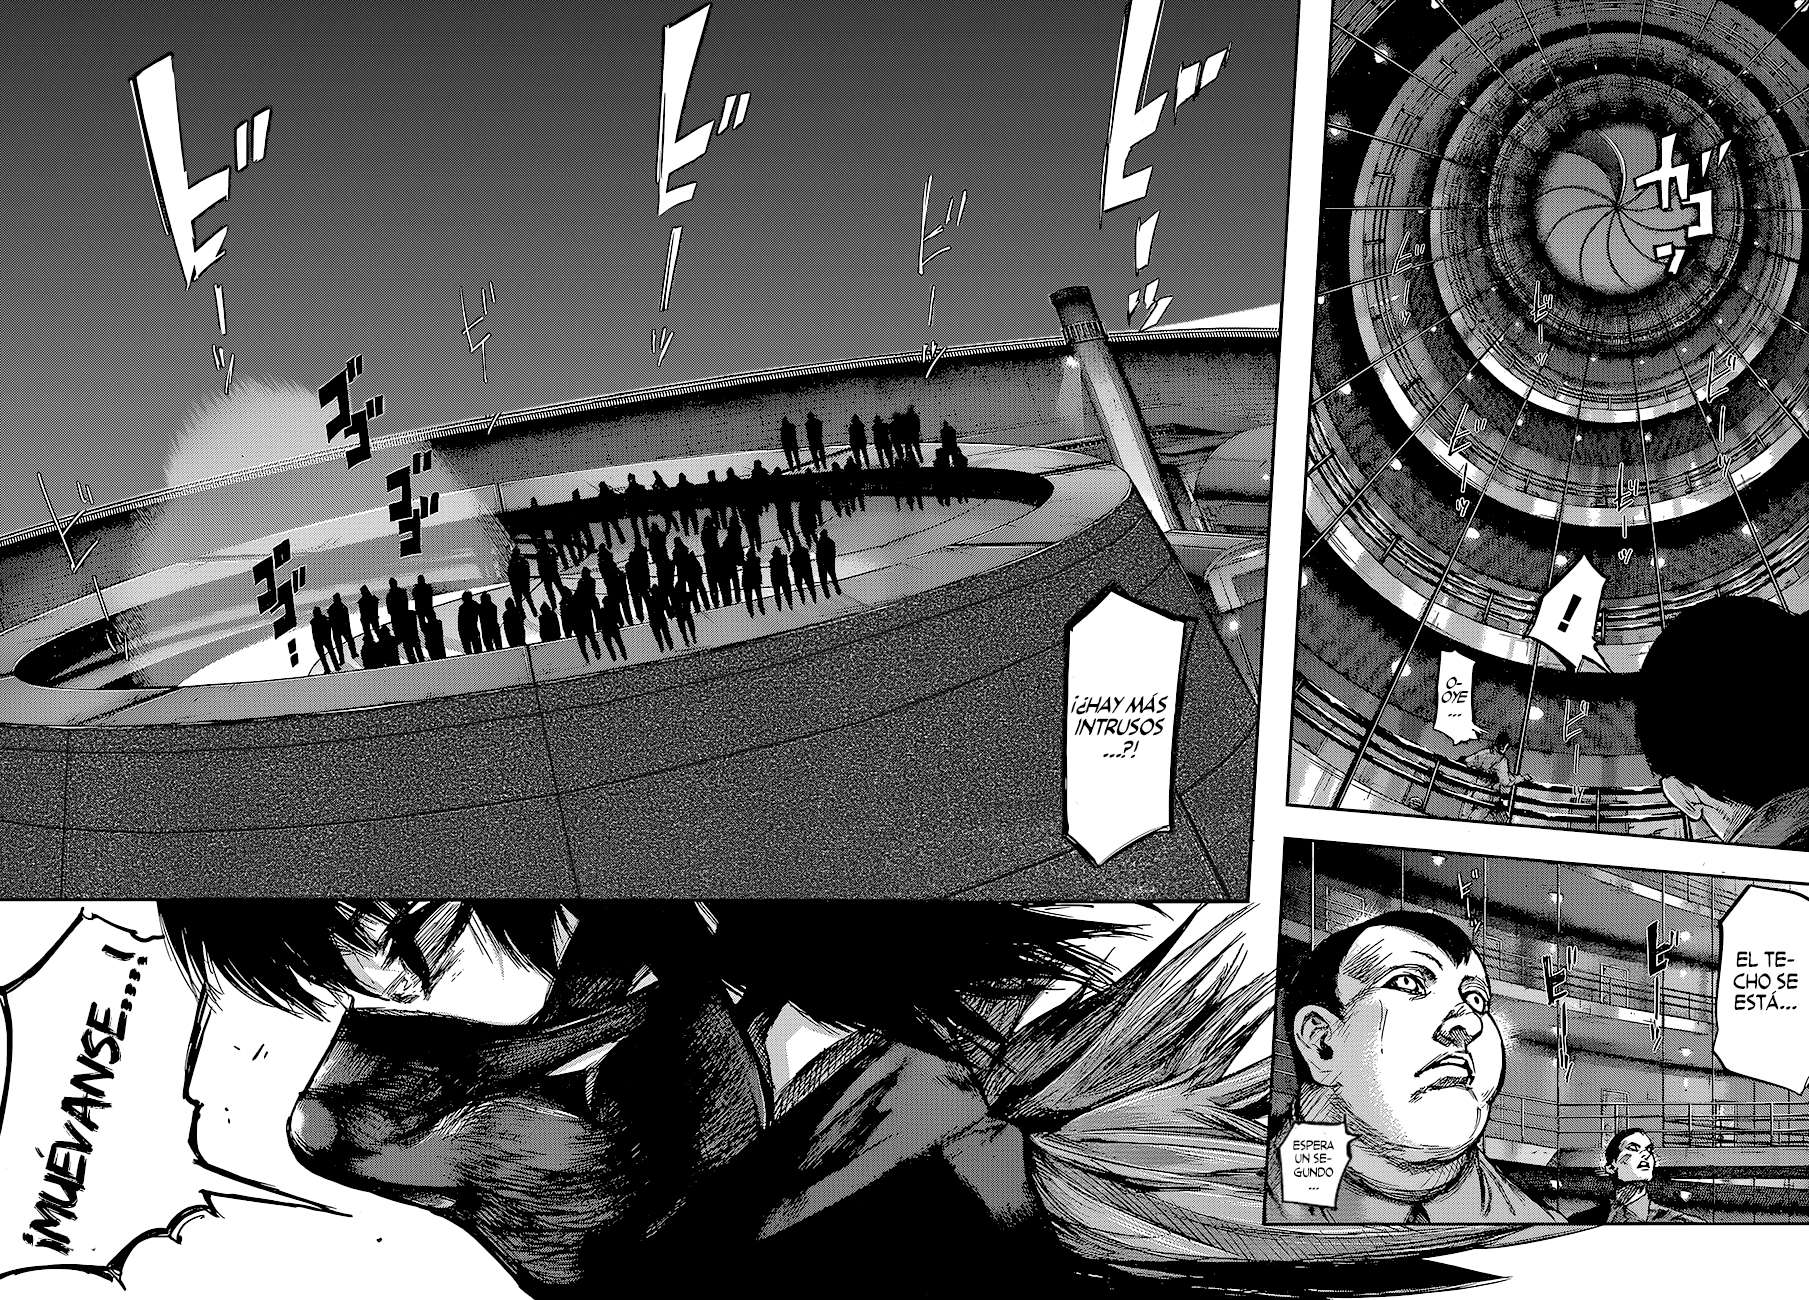 http://c5.ninemanga.com/es_manga/59/59/450242/fba1a595317014321e6e04207201bac8.jpg Page 8